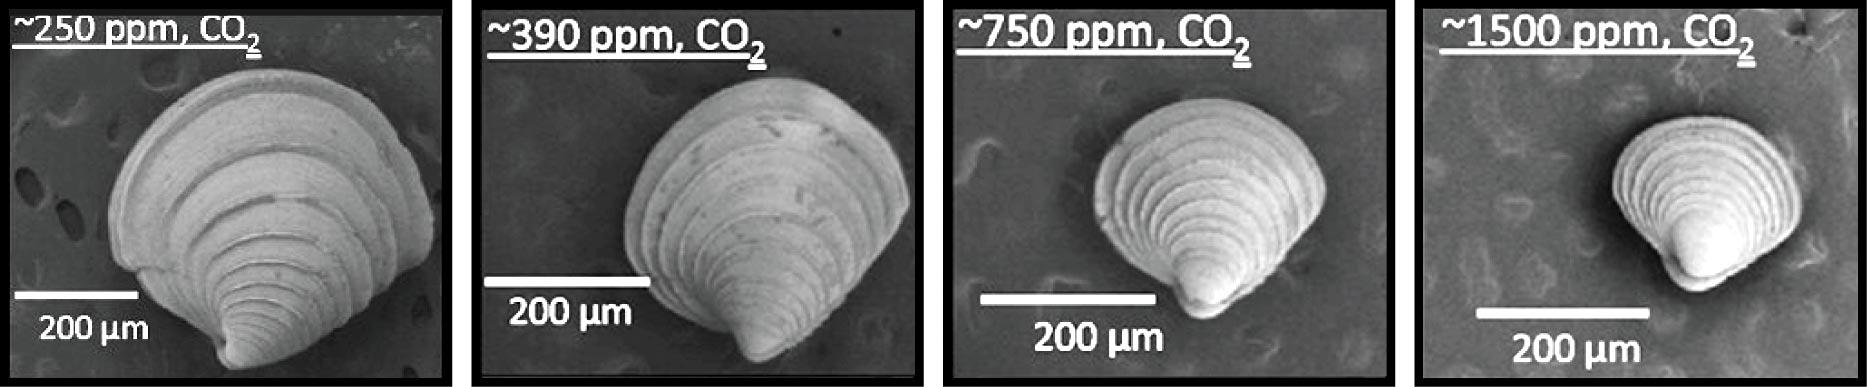 f11-clams-hi.jpg